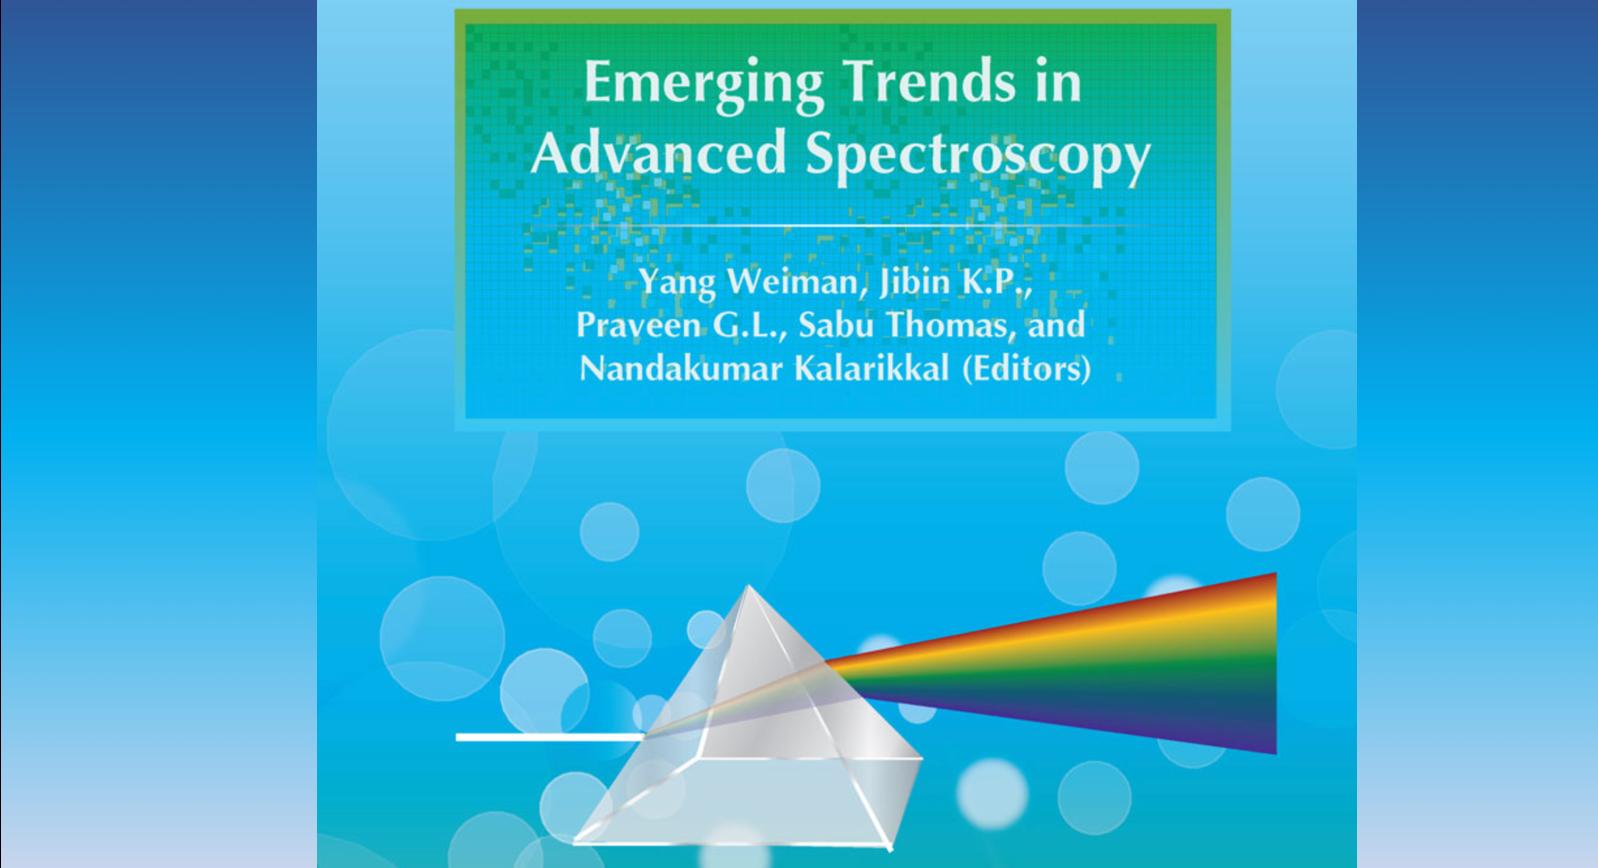 Νέο βιβλίο για Αστροχημεία: Emerging Trends in Advanced Spectroscopy